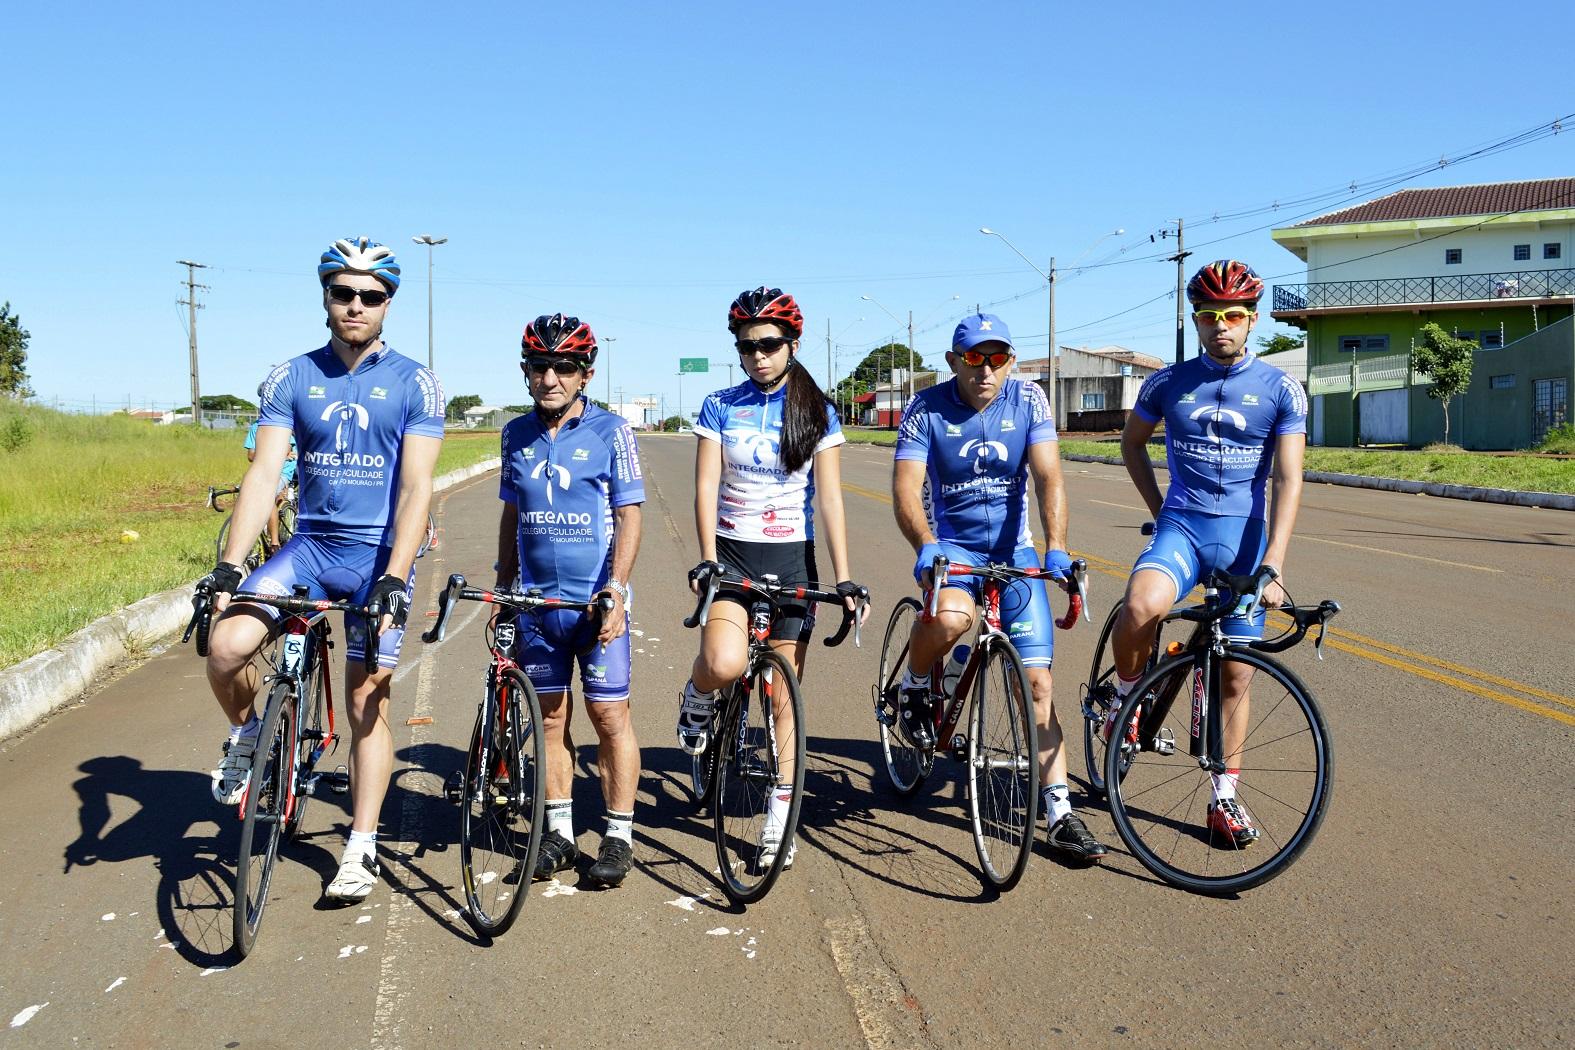 Equipe de ciclismo mourãoense